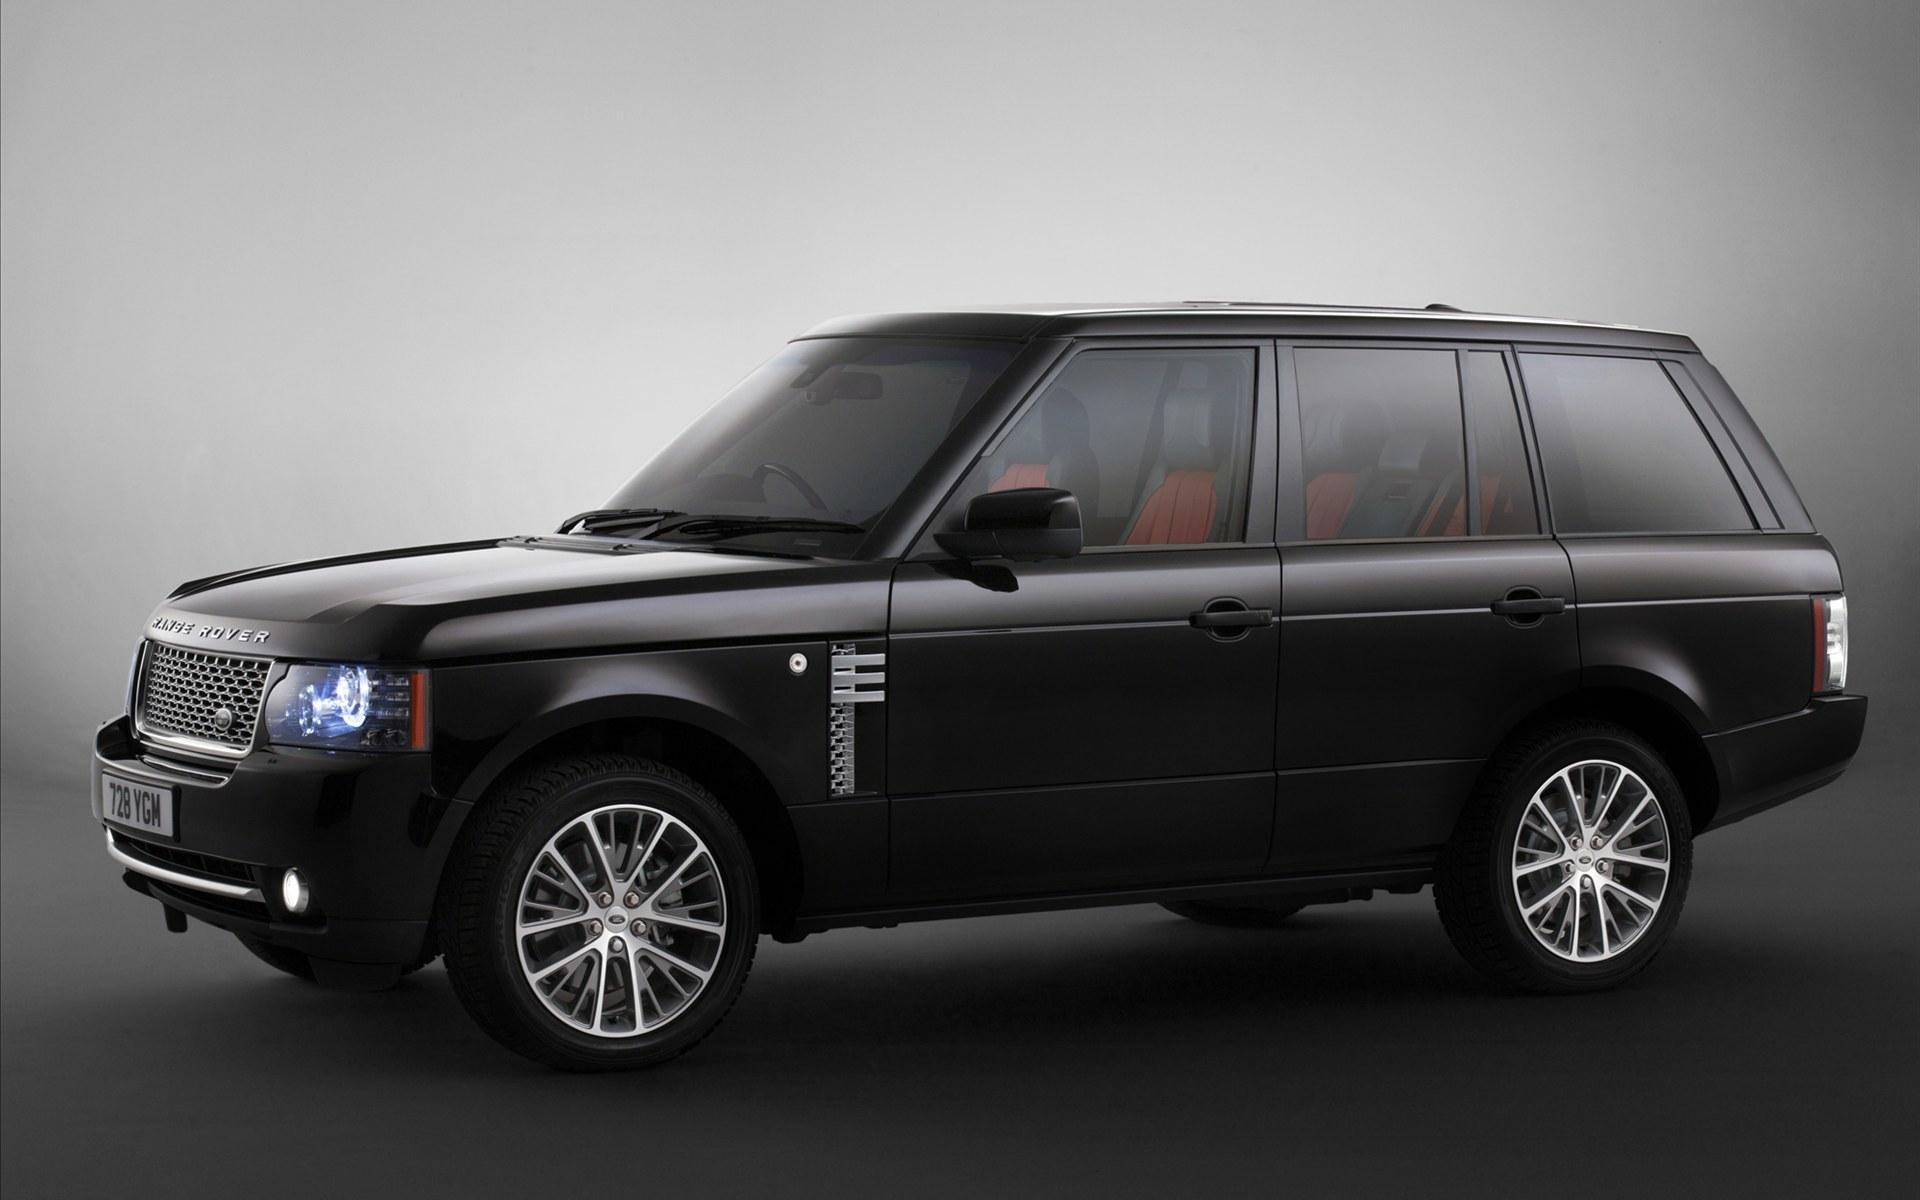 42623 скачать обои Транспорт, Машины, Рендж Ровер (Range Rover) - заставки и картинки бесплатно